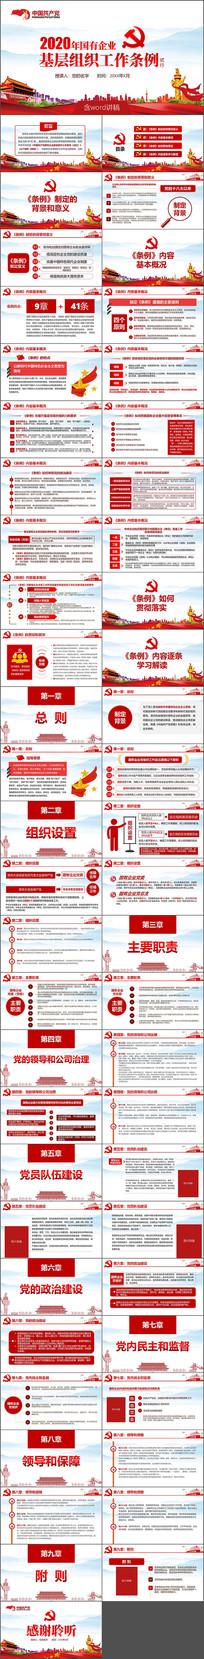 中国共产党国有企业基层组织工作条例ppt